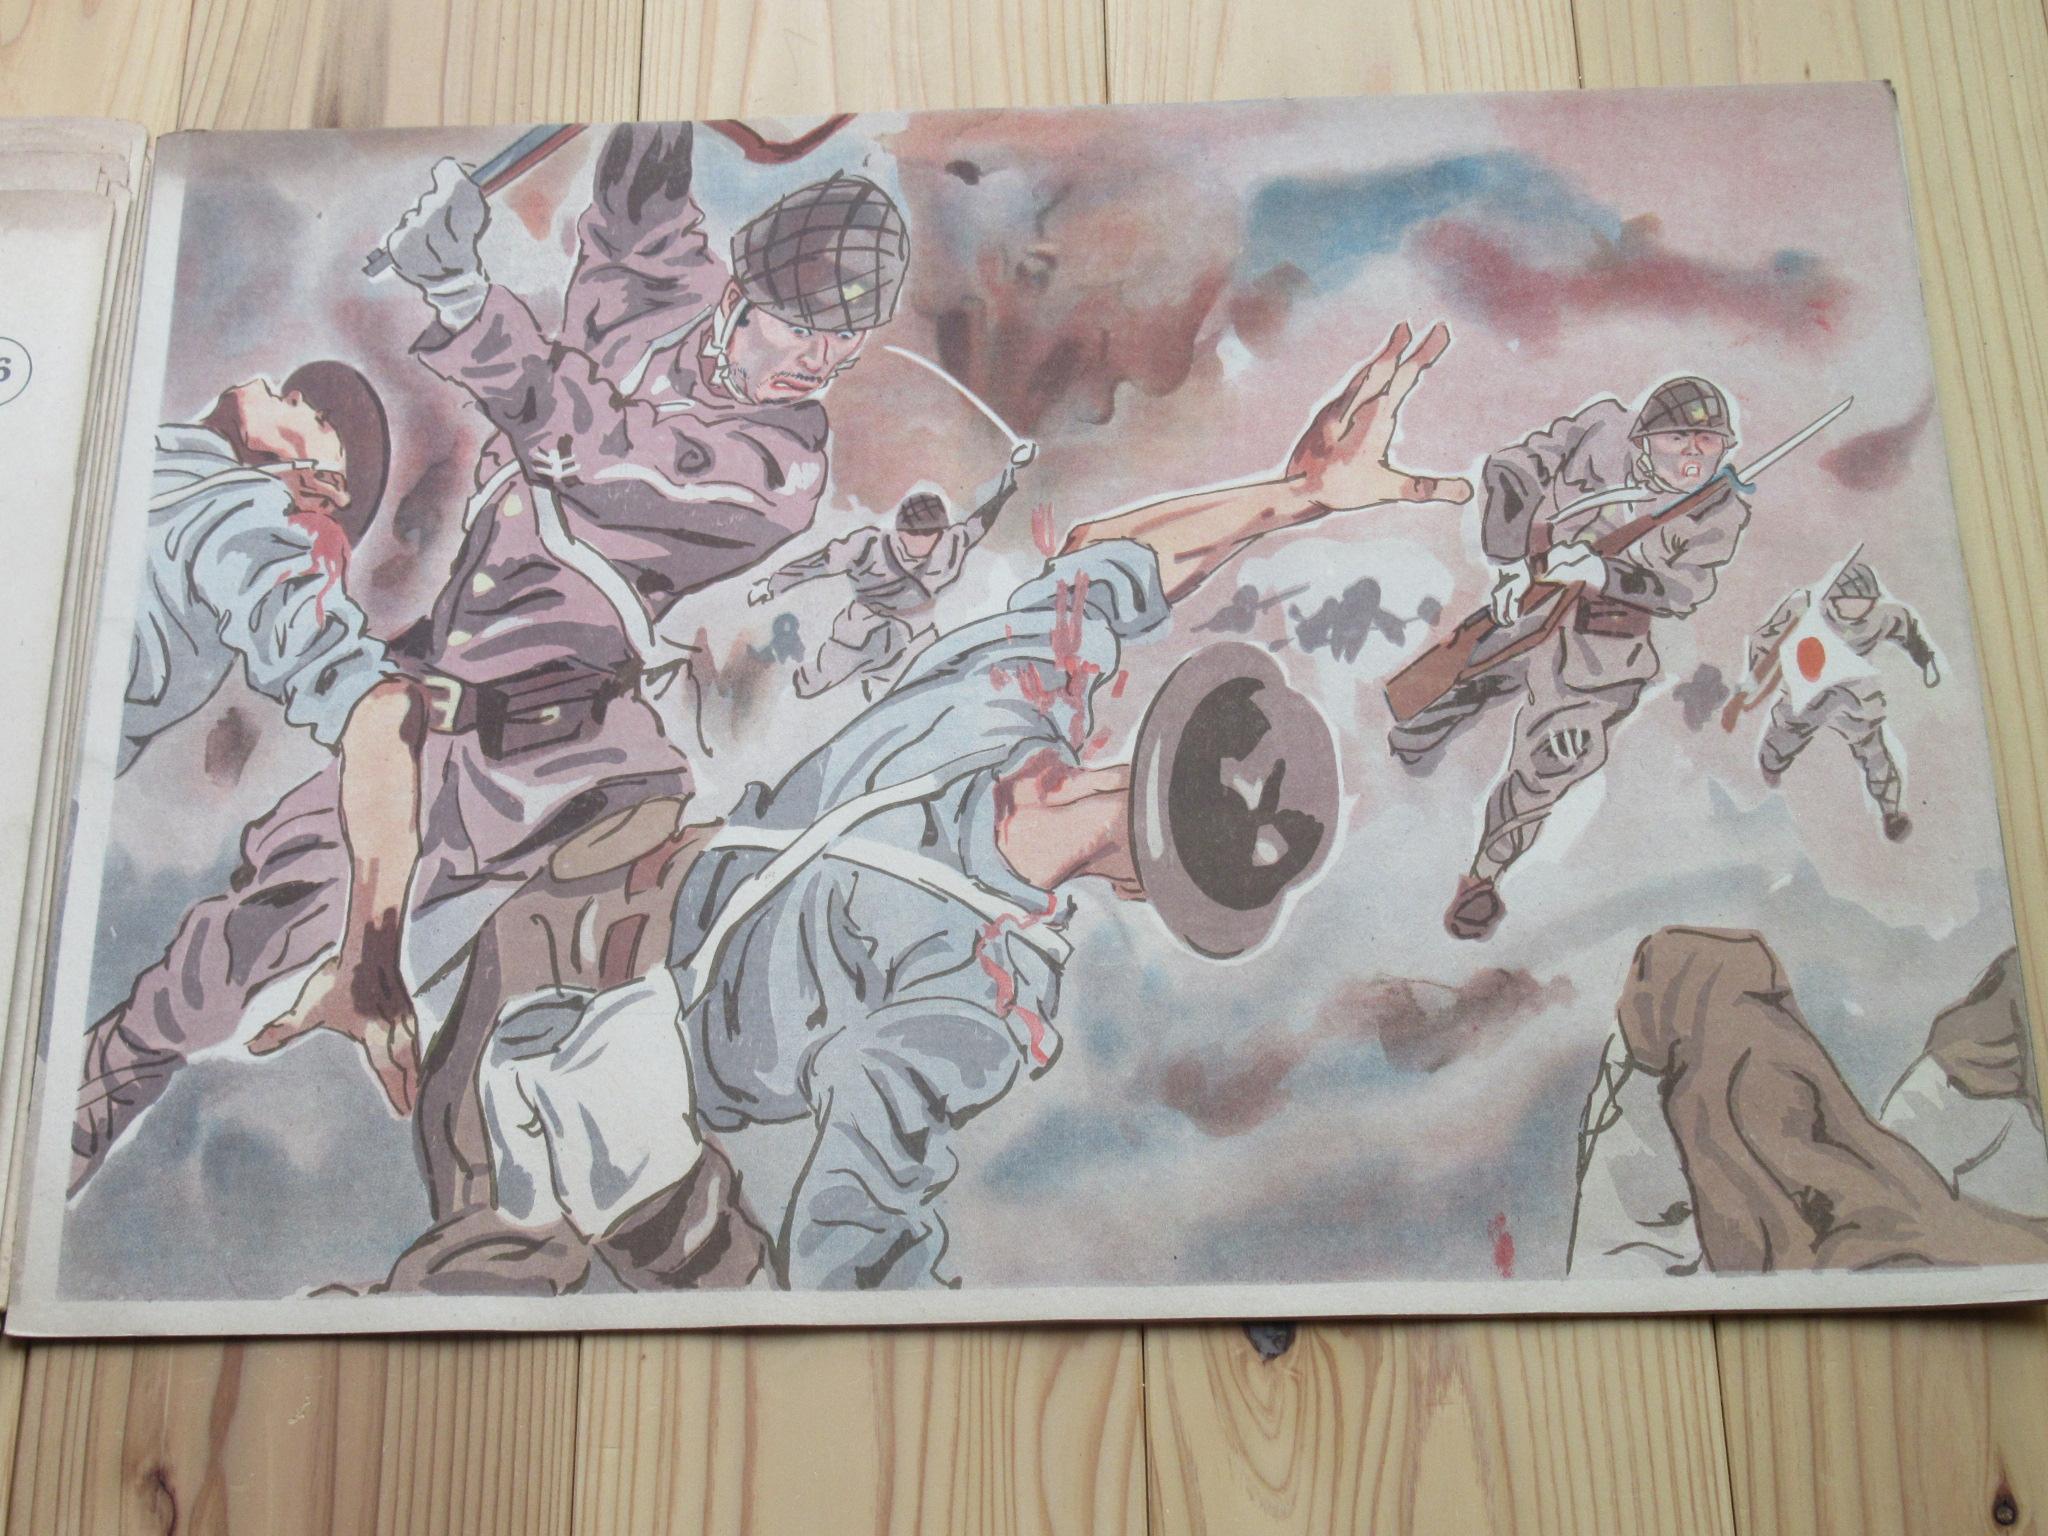 玉砕軍神部隊 陸軍情報道部推薦 昭和18年情報局委託作品紙芝居 山崎部隊長 アッツ島守備隊 Attu Island Yasuyo Yamasaki troops Japanese army picture story 1943